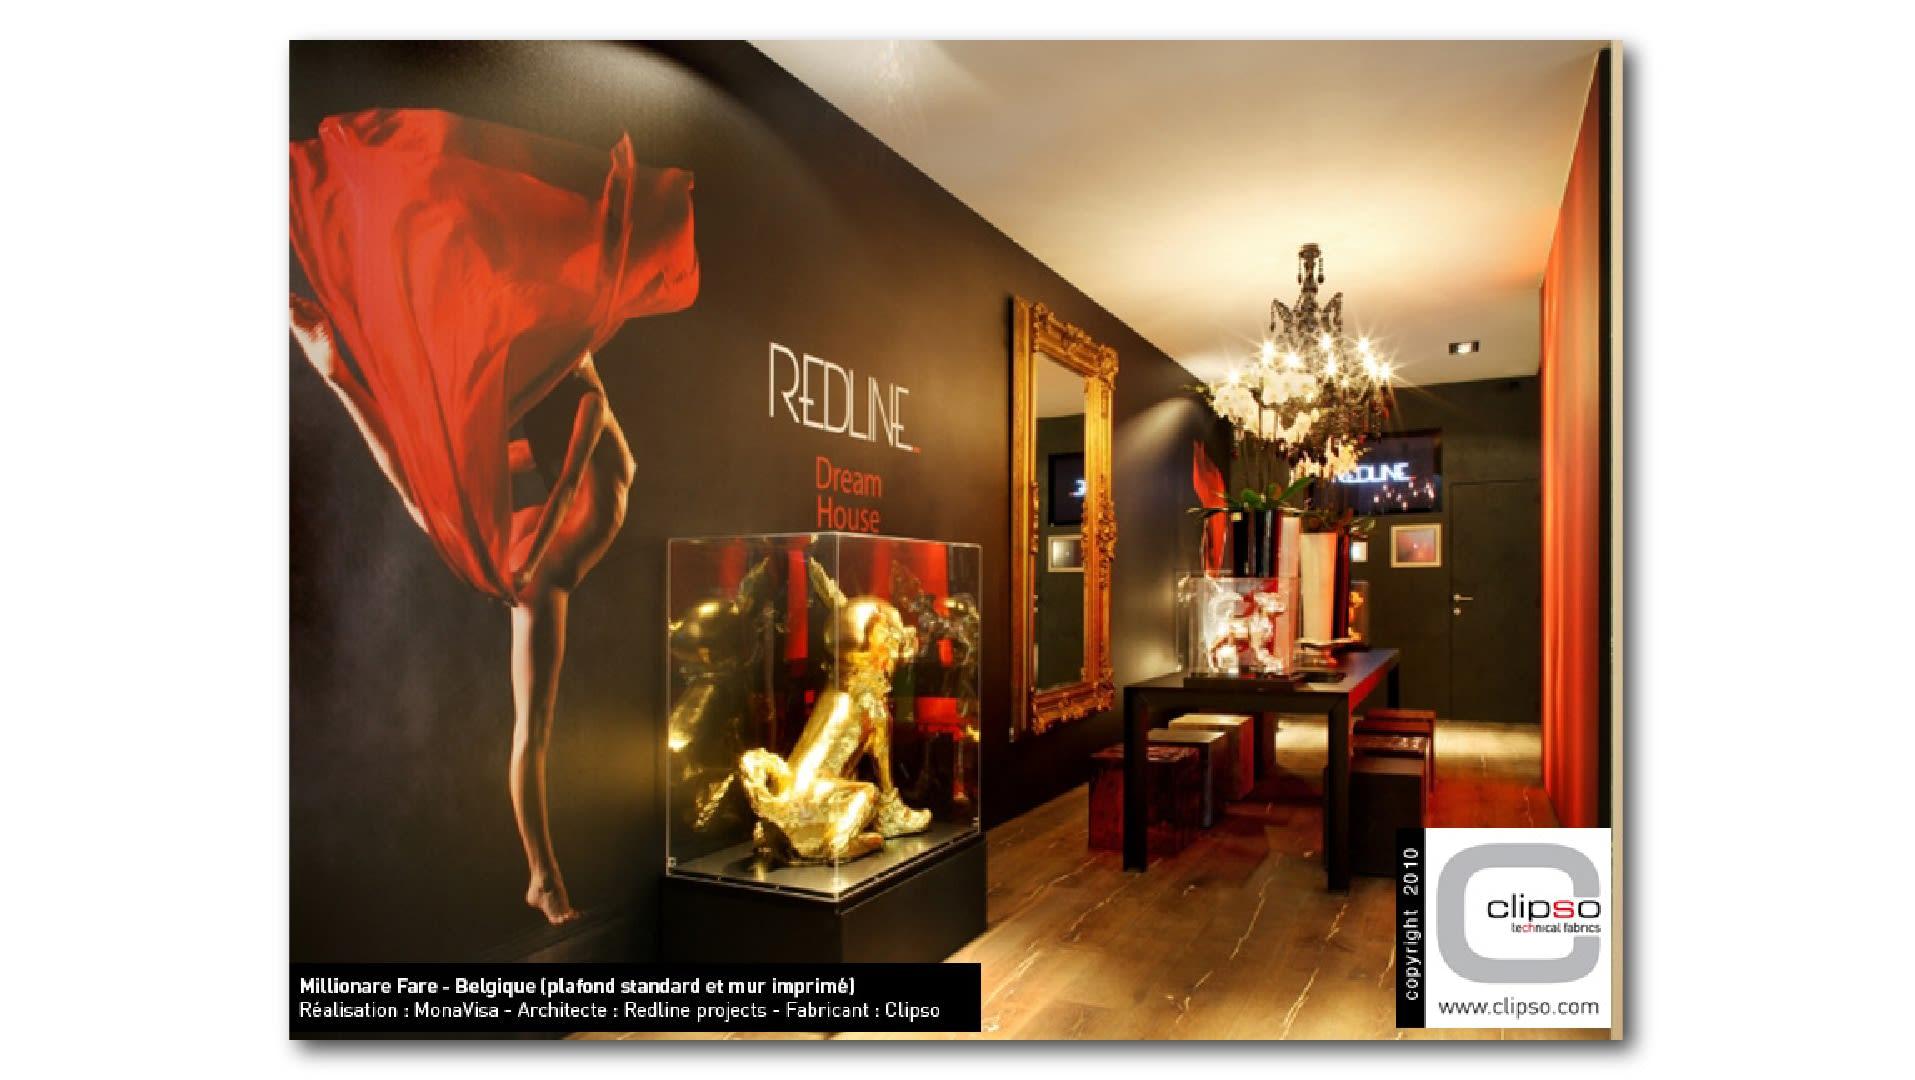 Verkaufsraum_mit_bedruckter_Wandbespannung_als_Werbefläche_und_Deckengestaltung_mit_Clipso-Standard-01_r0gr8h